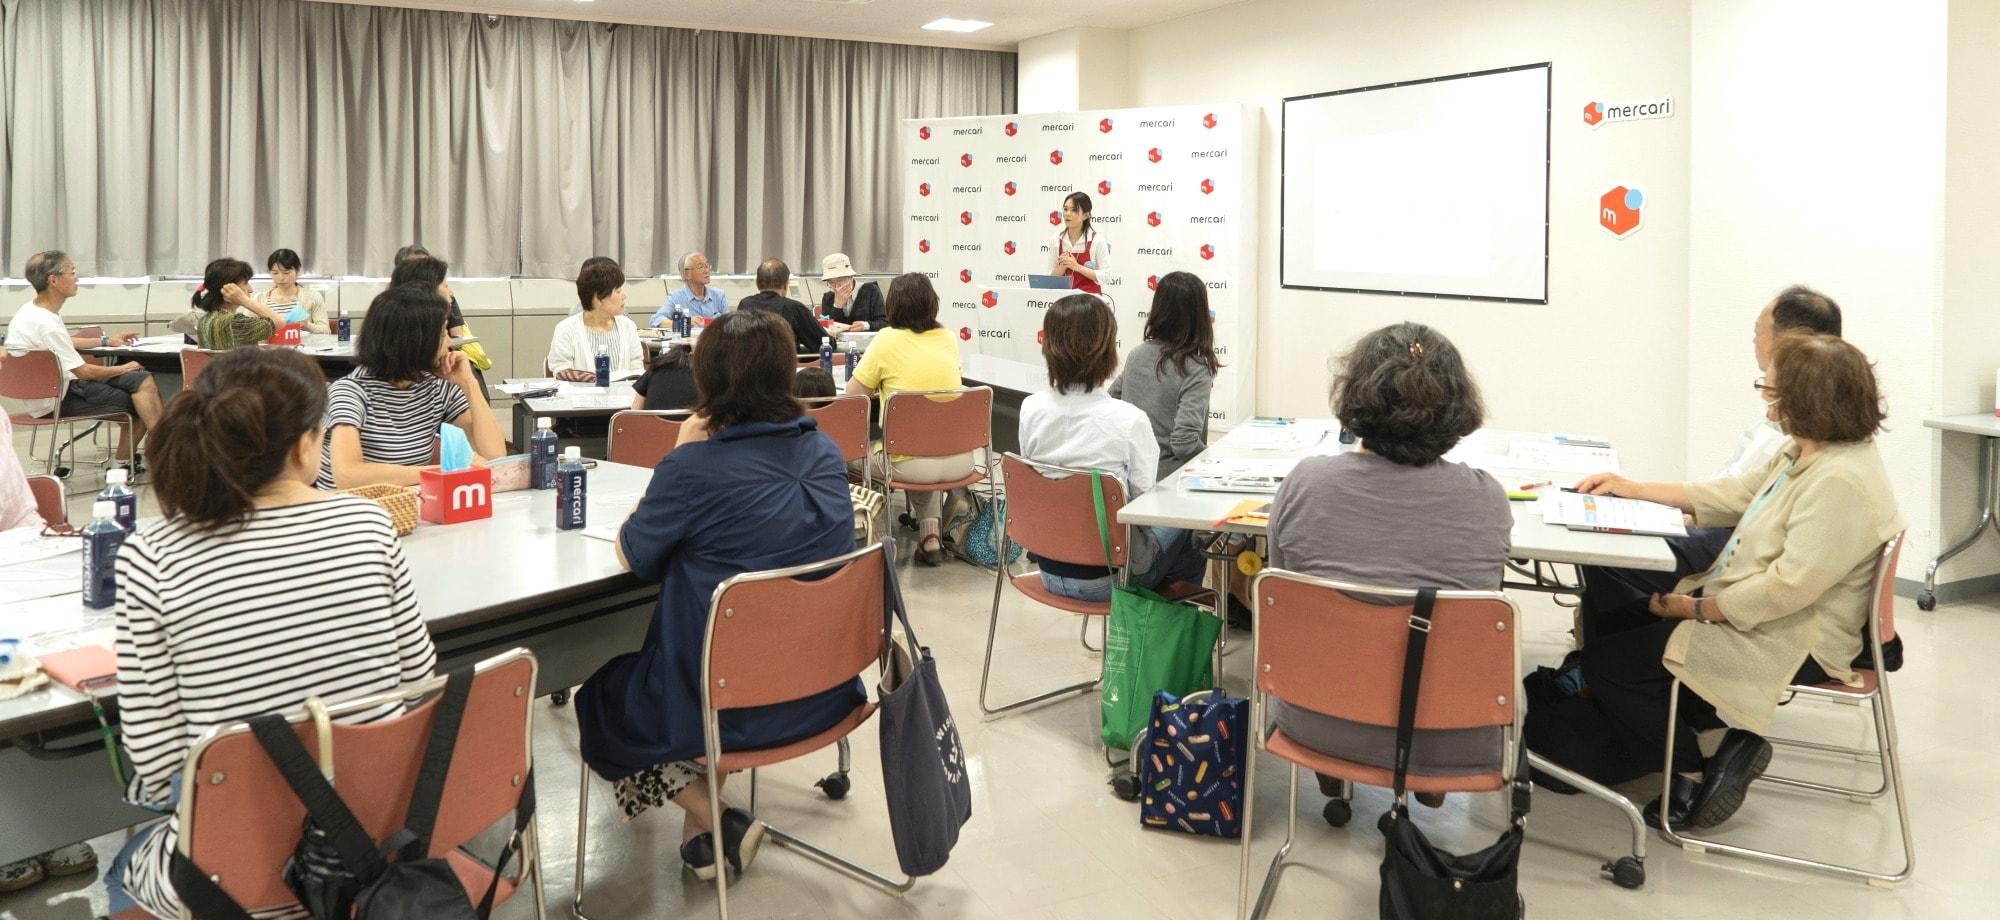 「メルカリ」の使い方が学べる 「メルカリ教室」の開催エリアを拡大します!